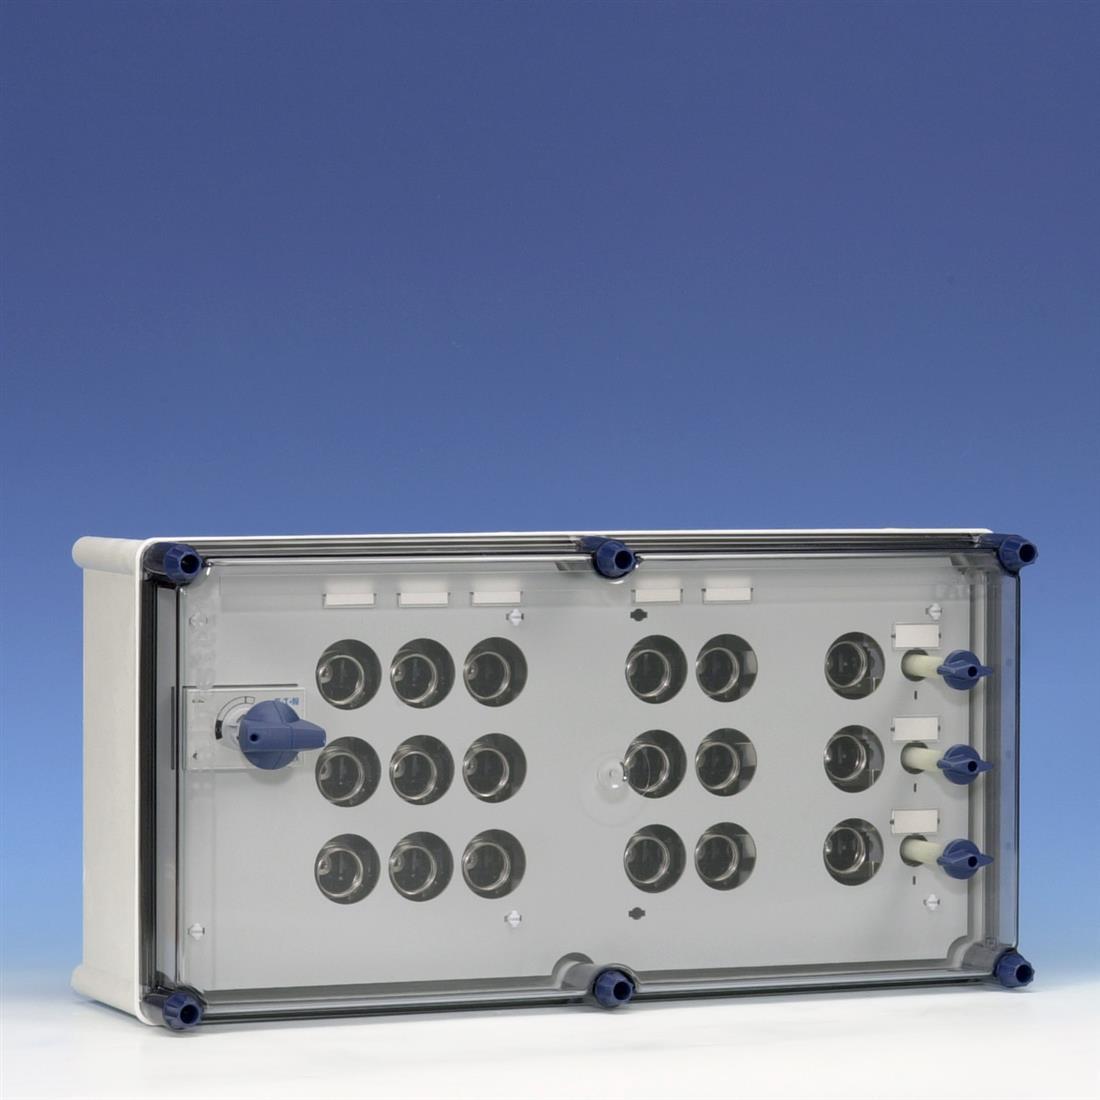 Eaton Holec Halyester krachtgroepenkast GLKS4035 63A/3X25A